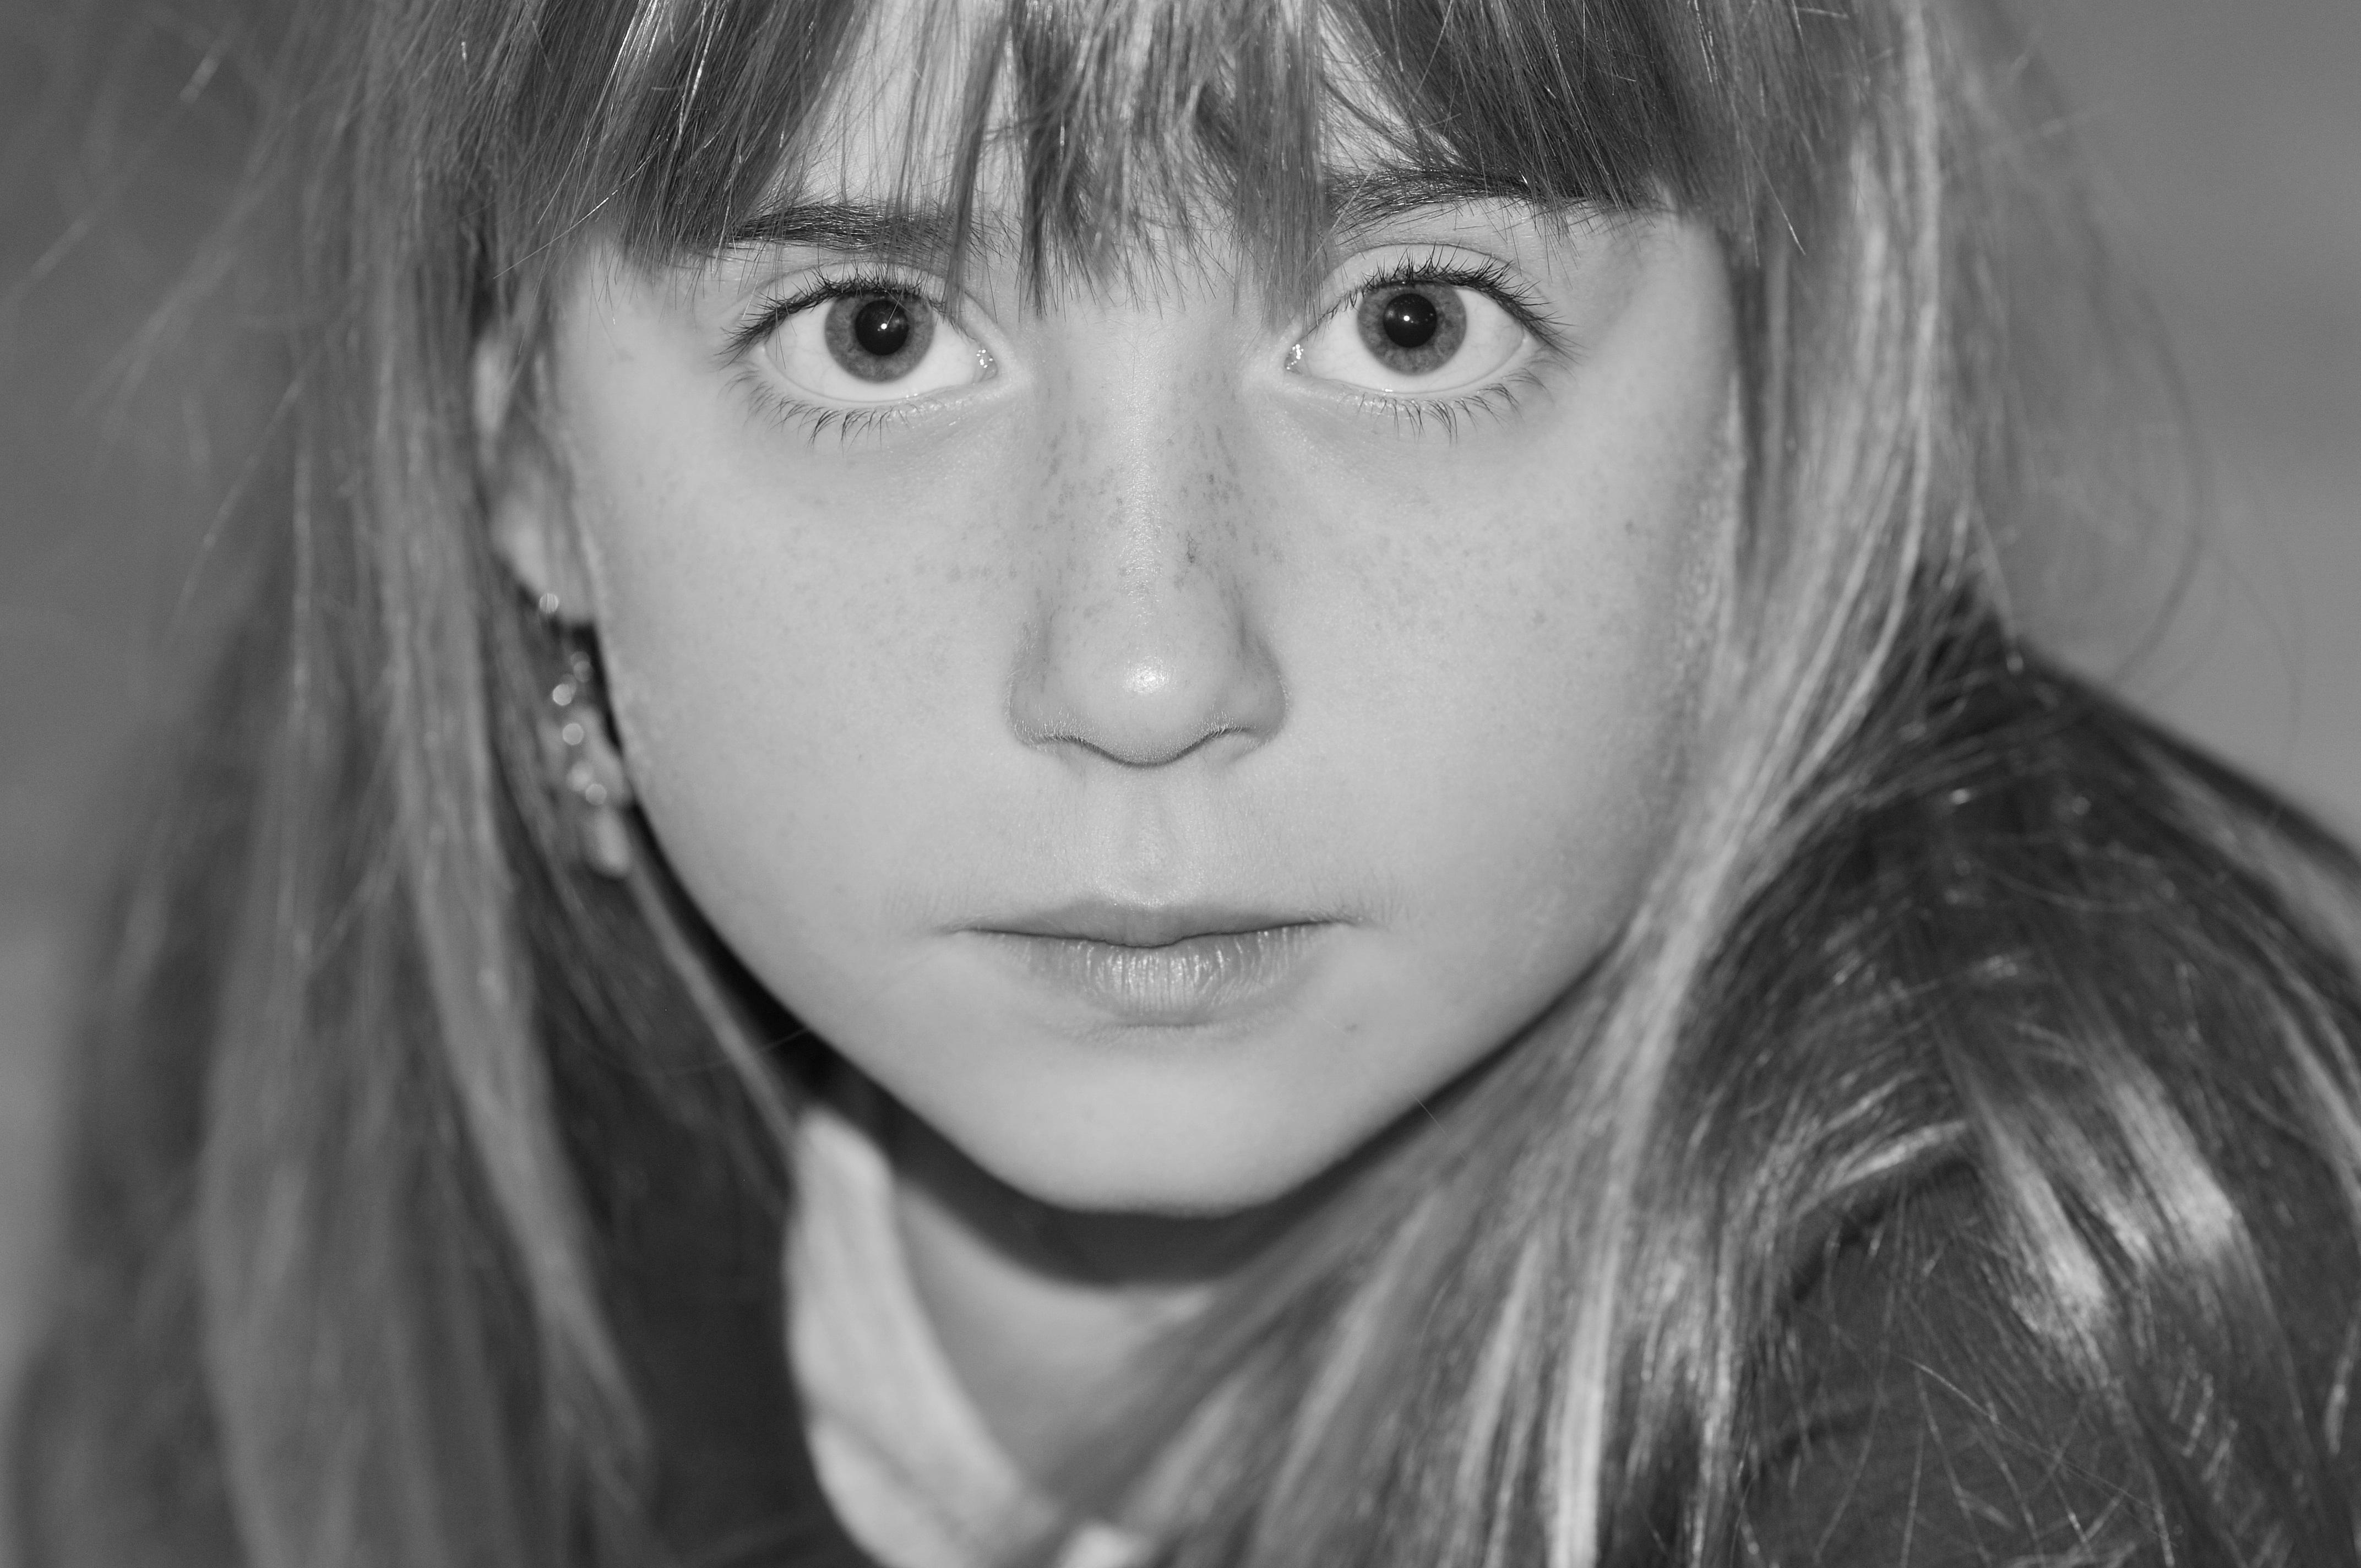 Gambar orang hitam dan putih gadis model anak satu